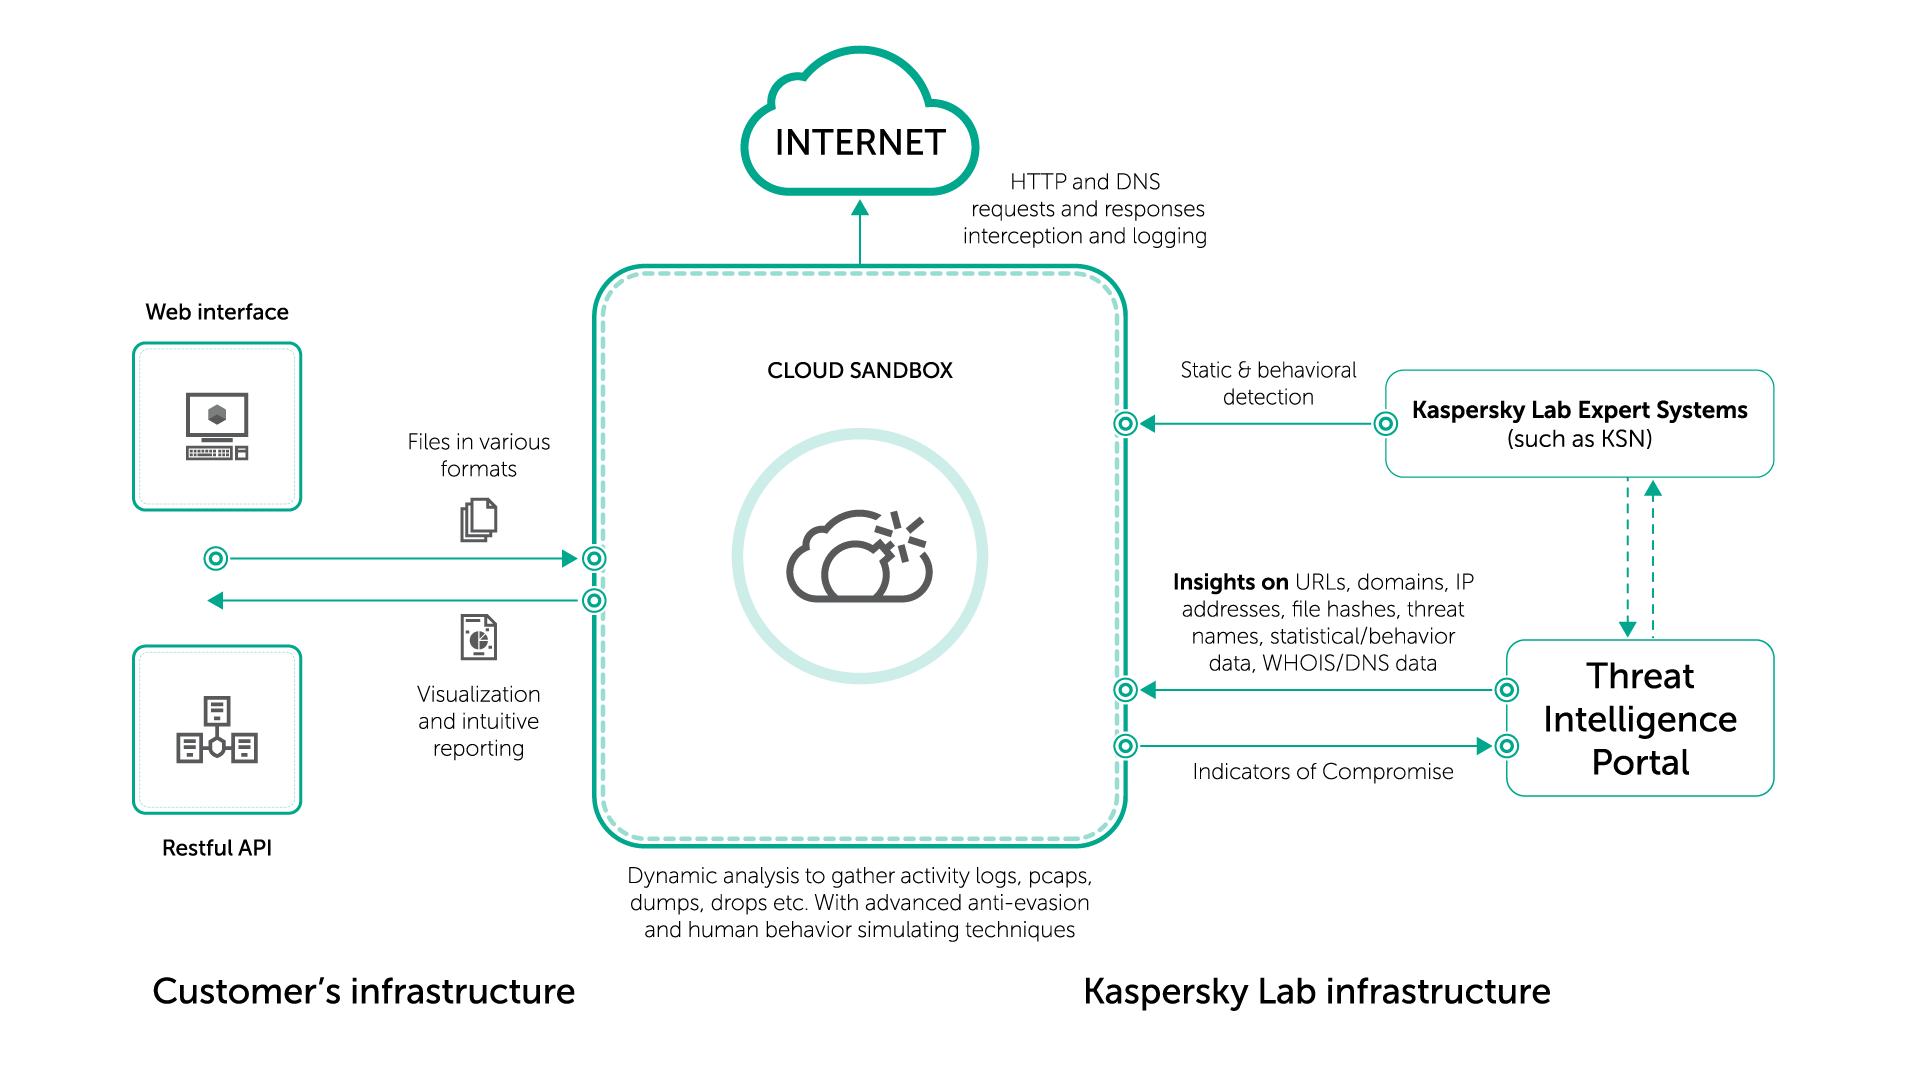 Noua soluție Kaspersky Cloud Sandbox îmbunătățește capacitatea de investigare a amenințărilor complexe